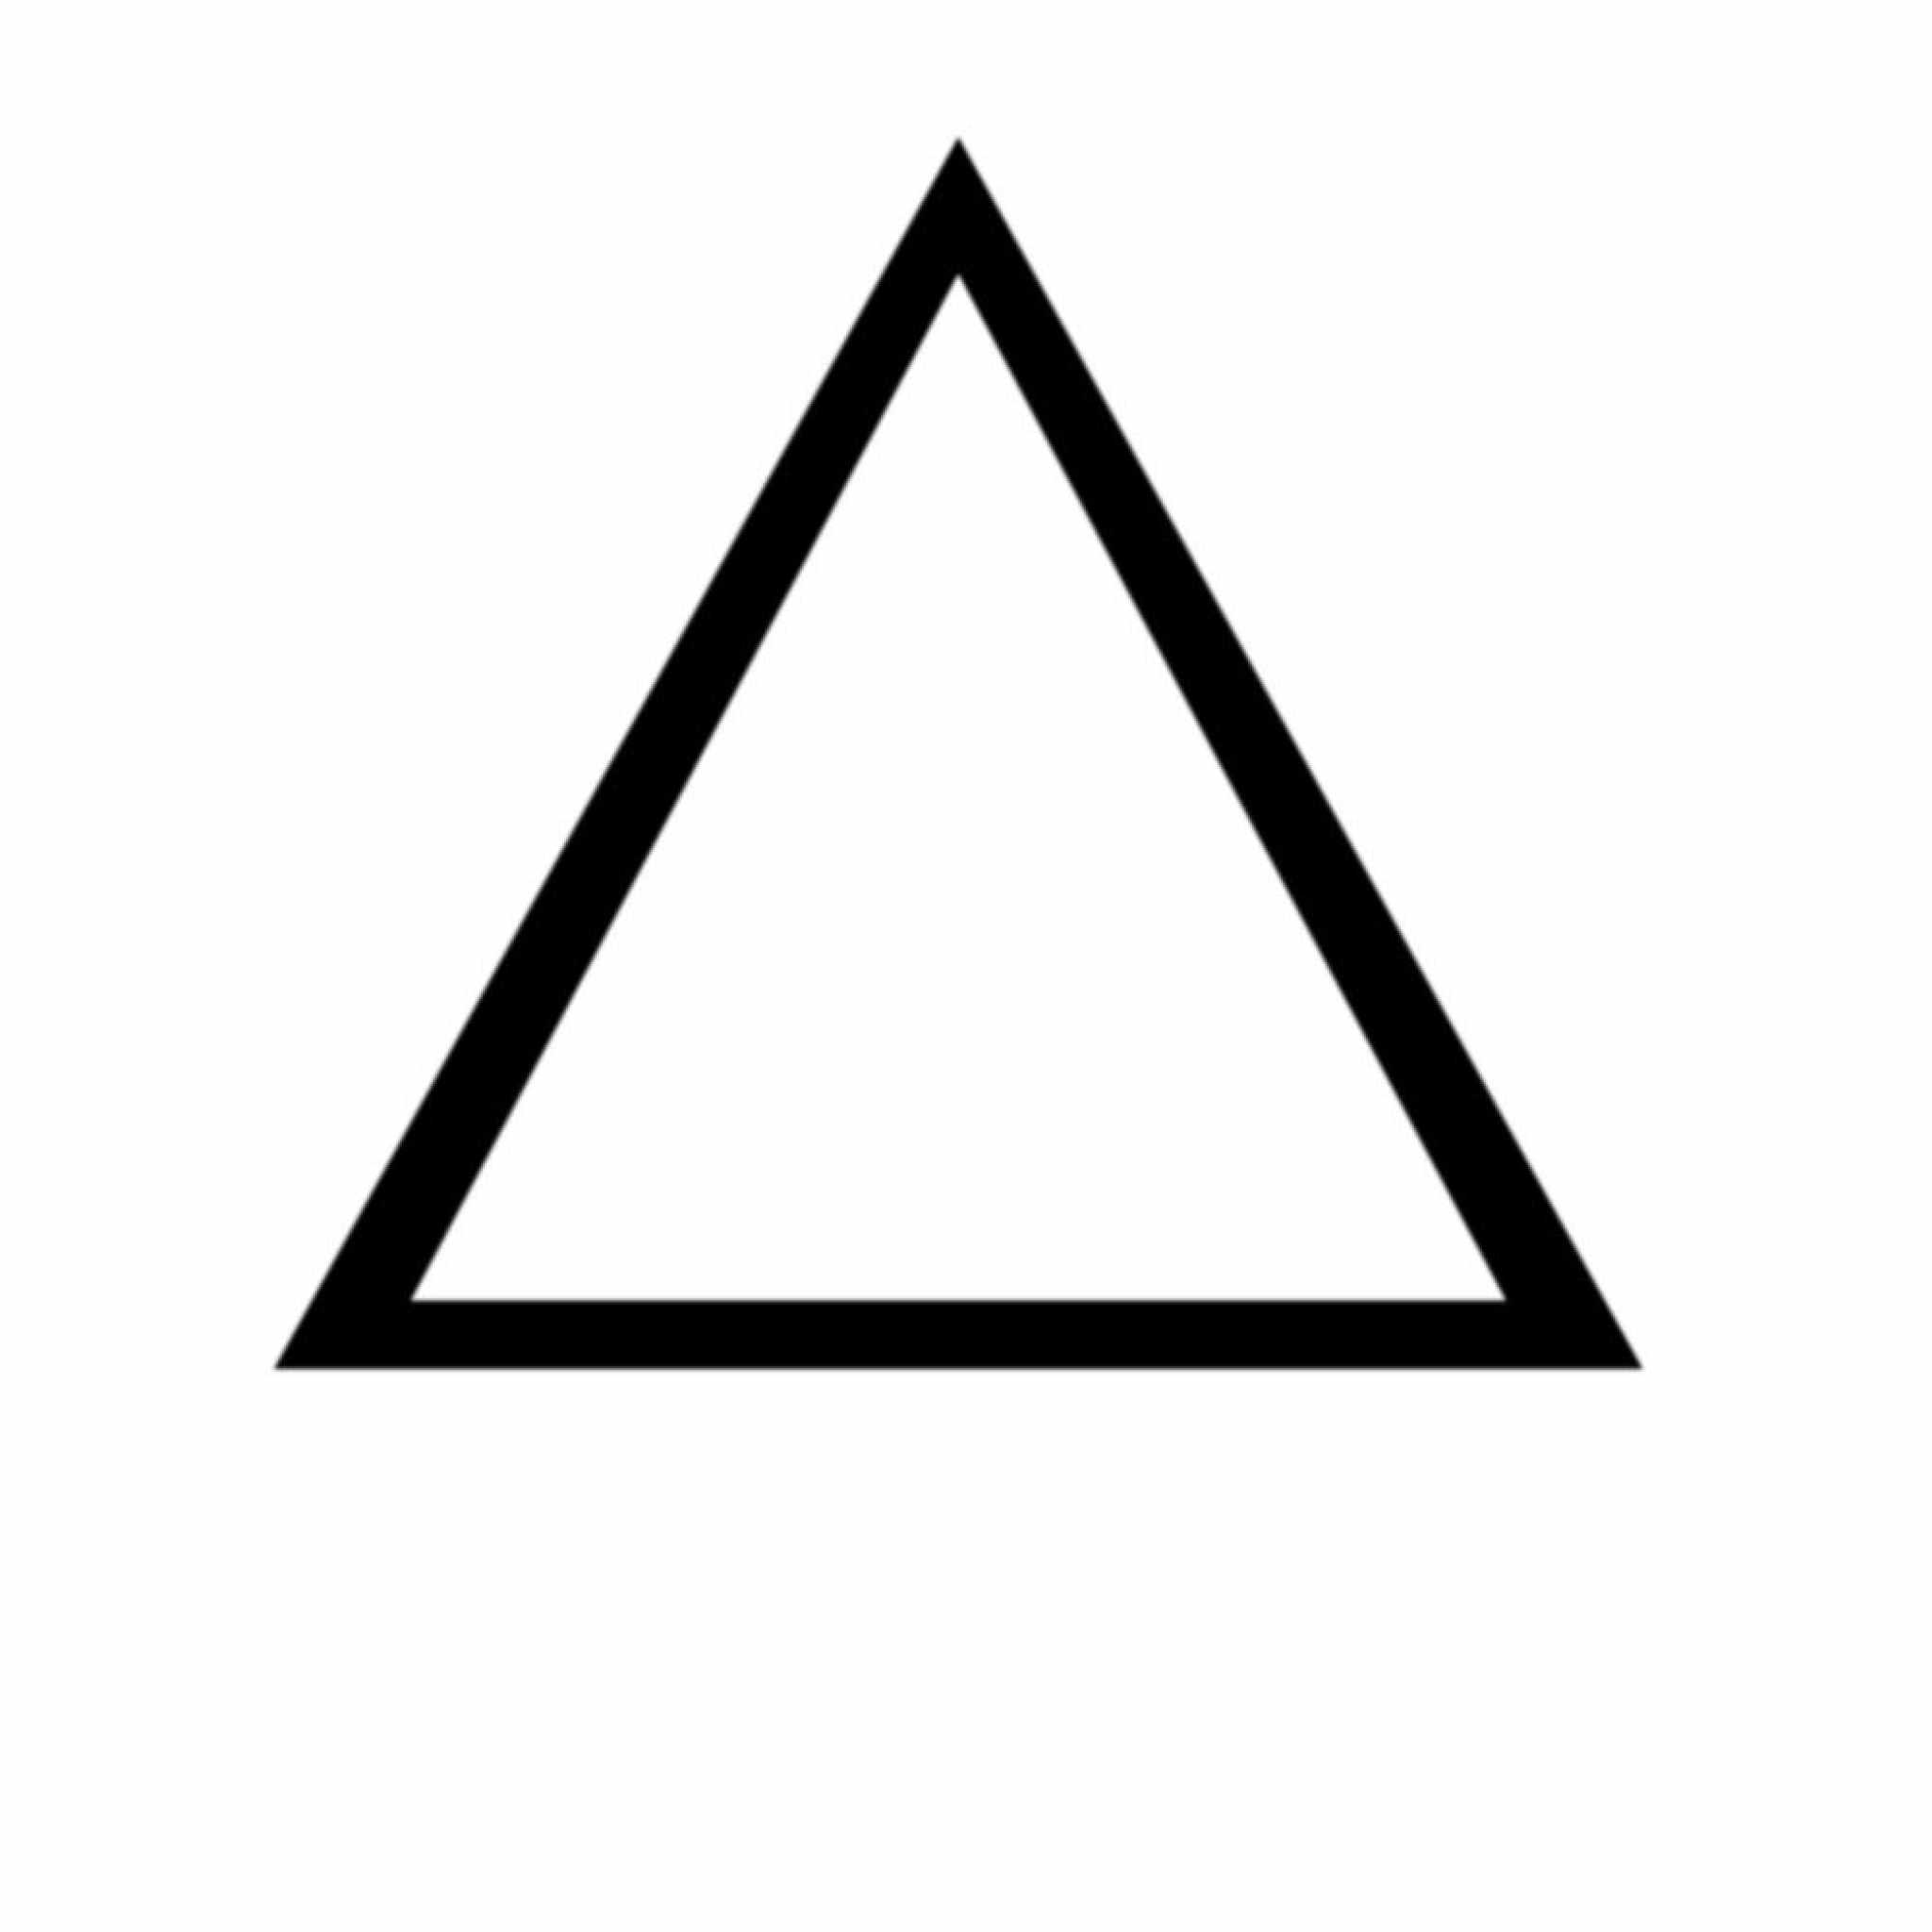 三角形 图片